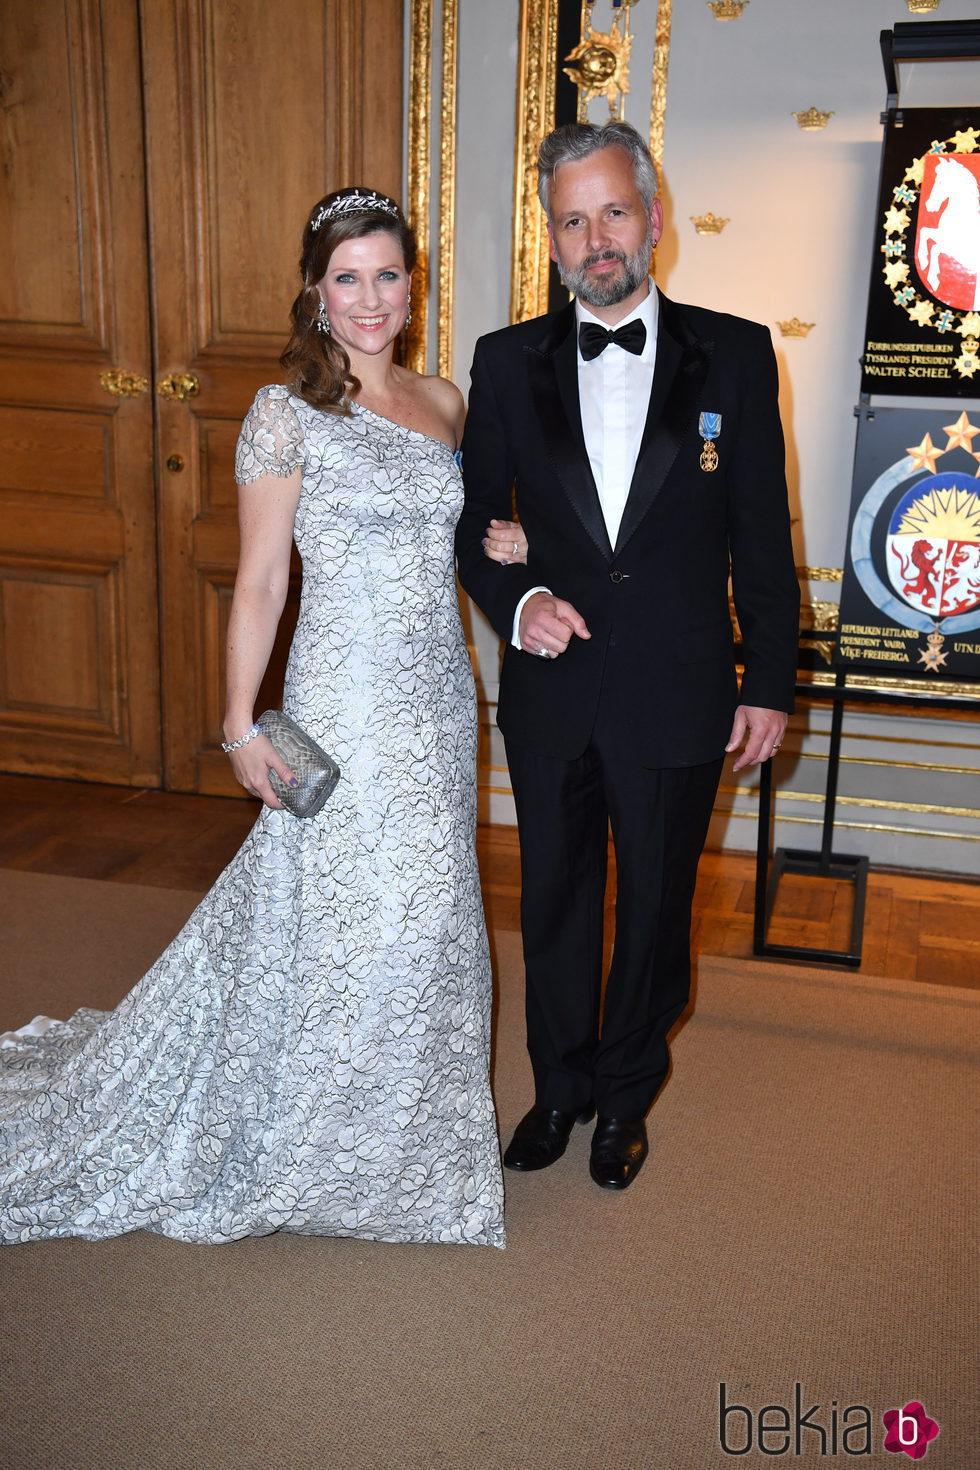 La Princesa Marta Luisa y Ari Behn de Noruega en la cena de gala en el 70 cumpleaños del Rey Gustavo de Suecia